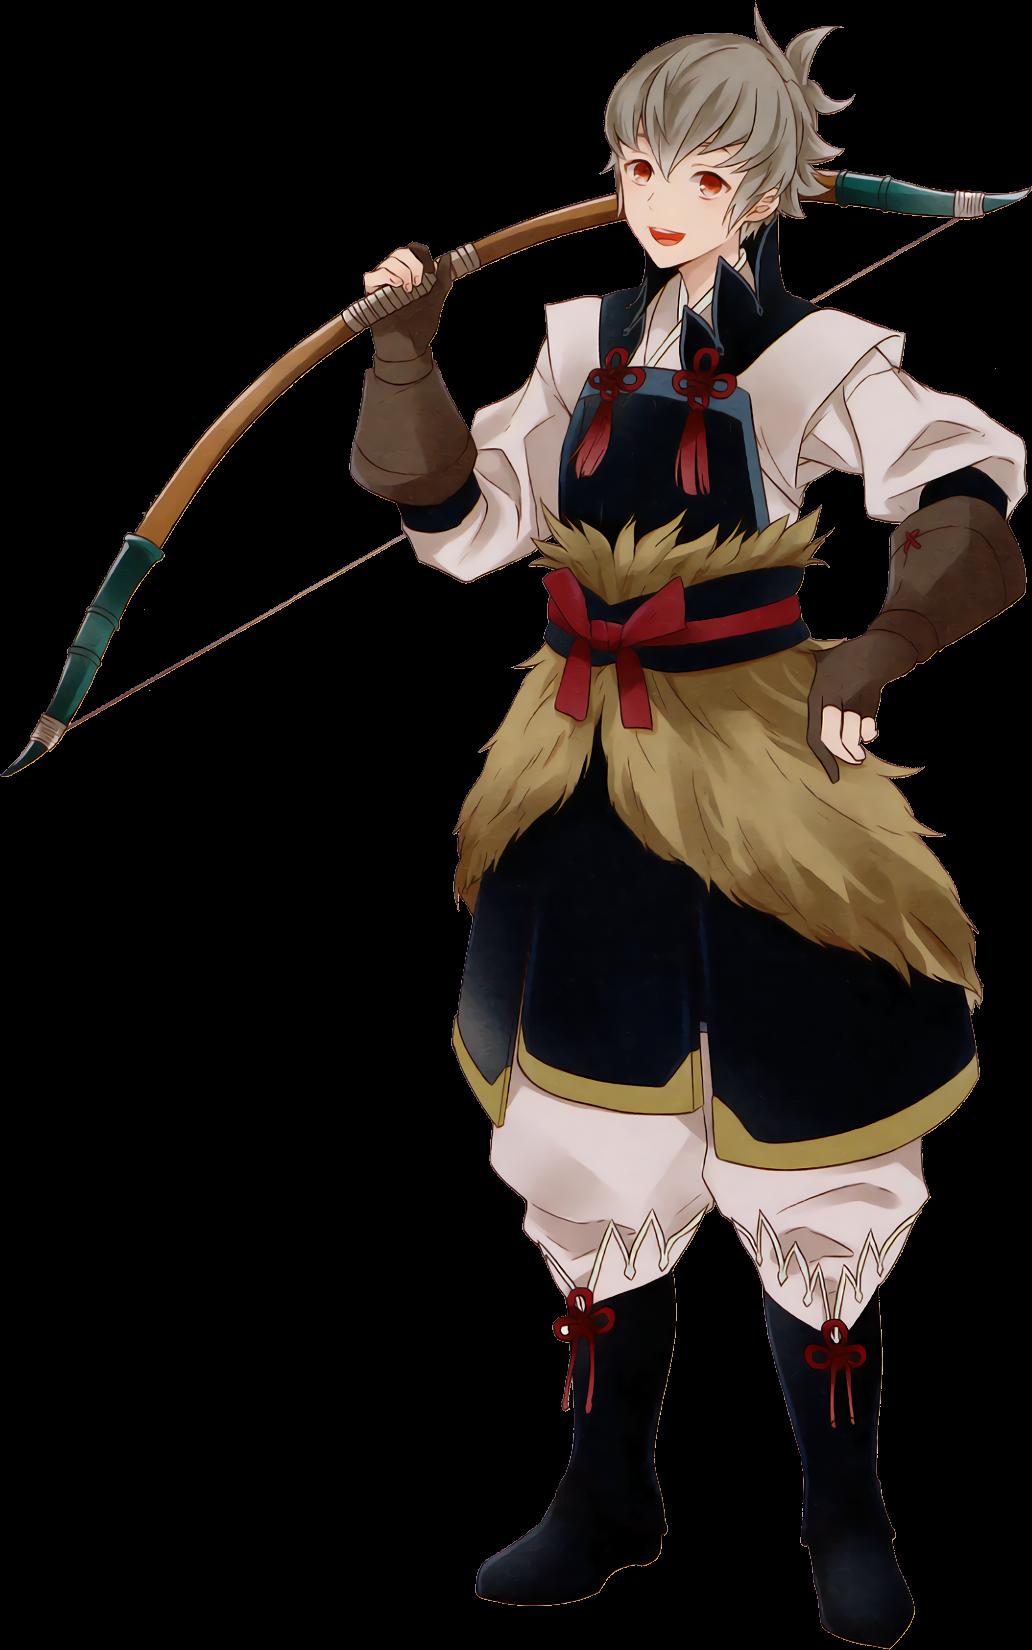 Kiragi - Fire Emblem Wiki - Wikia